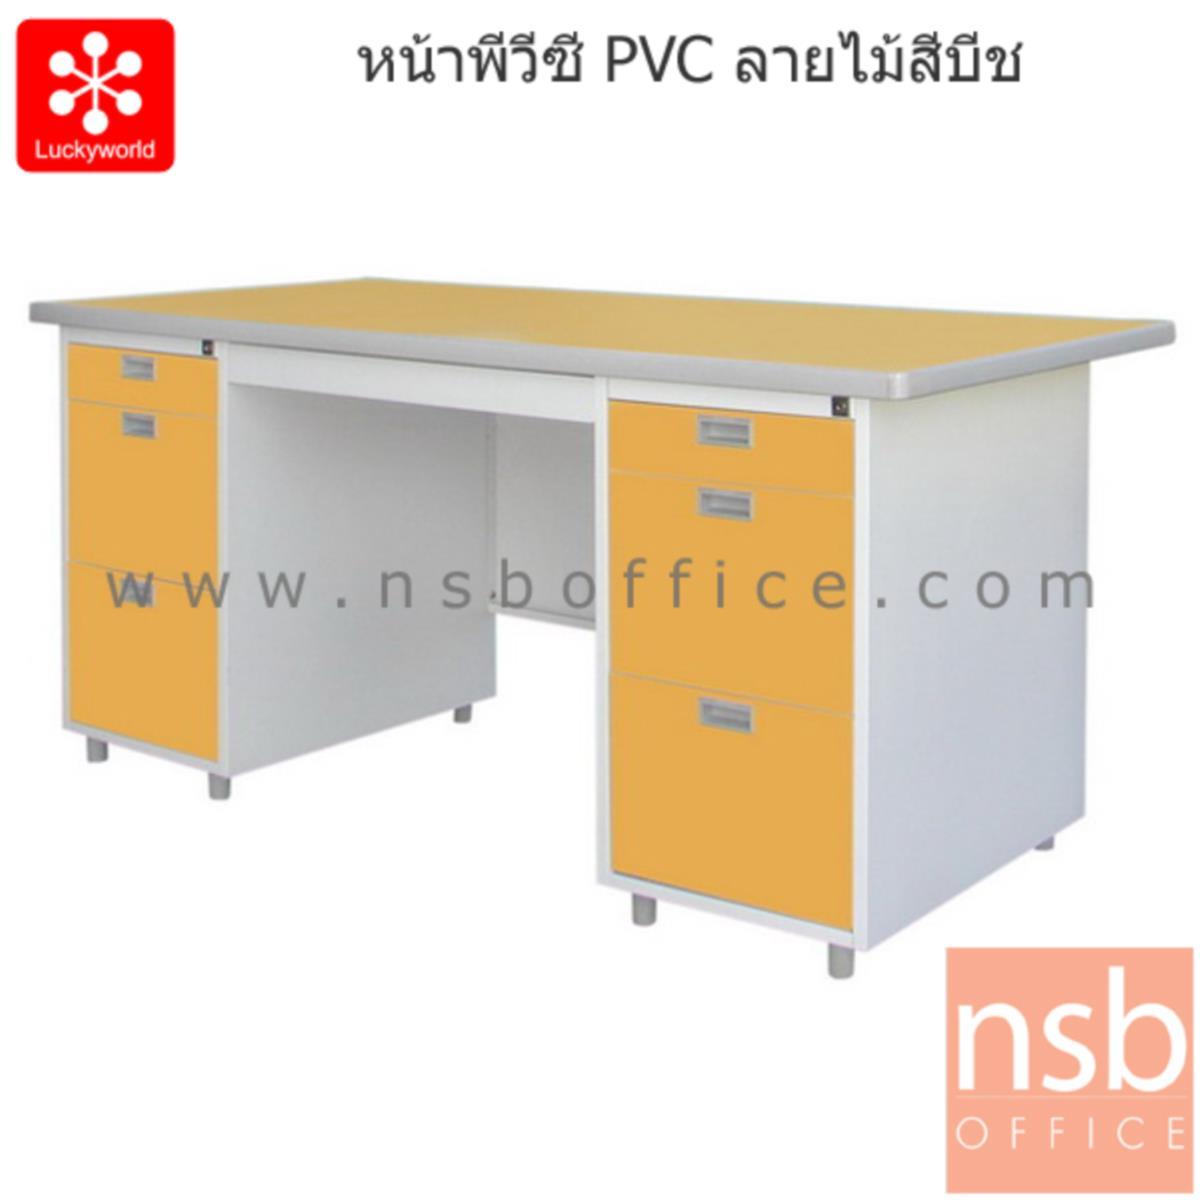 โต๊ะทำงานเหล็ก 7 ลิ้นชัก รุ่น DP-52-33 ขนาด 159.5W cm.  หน้าพีวีซี(PVC)